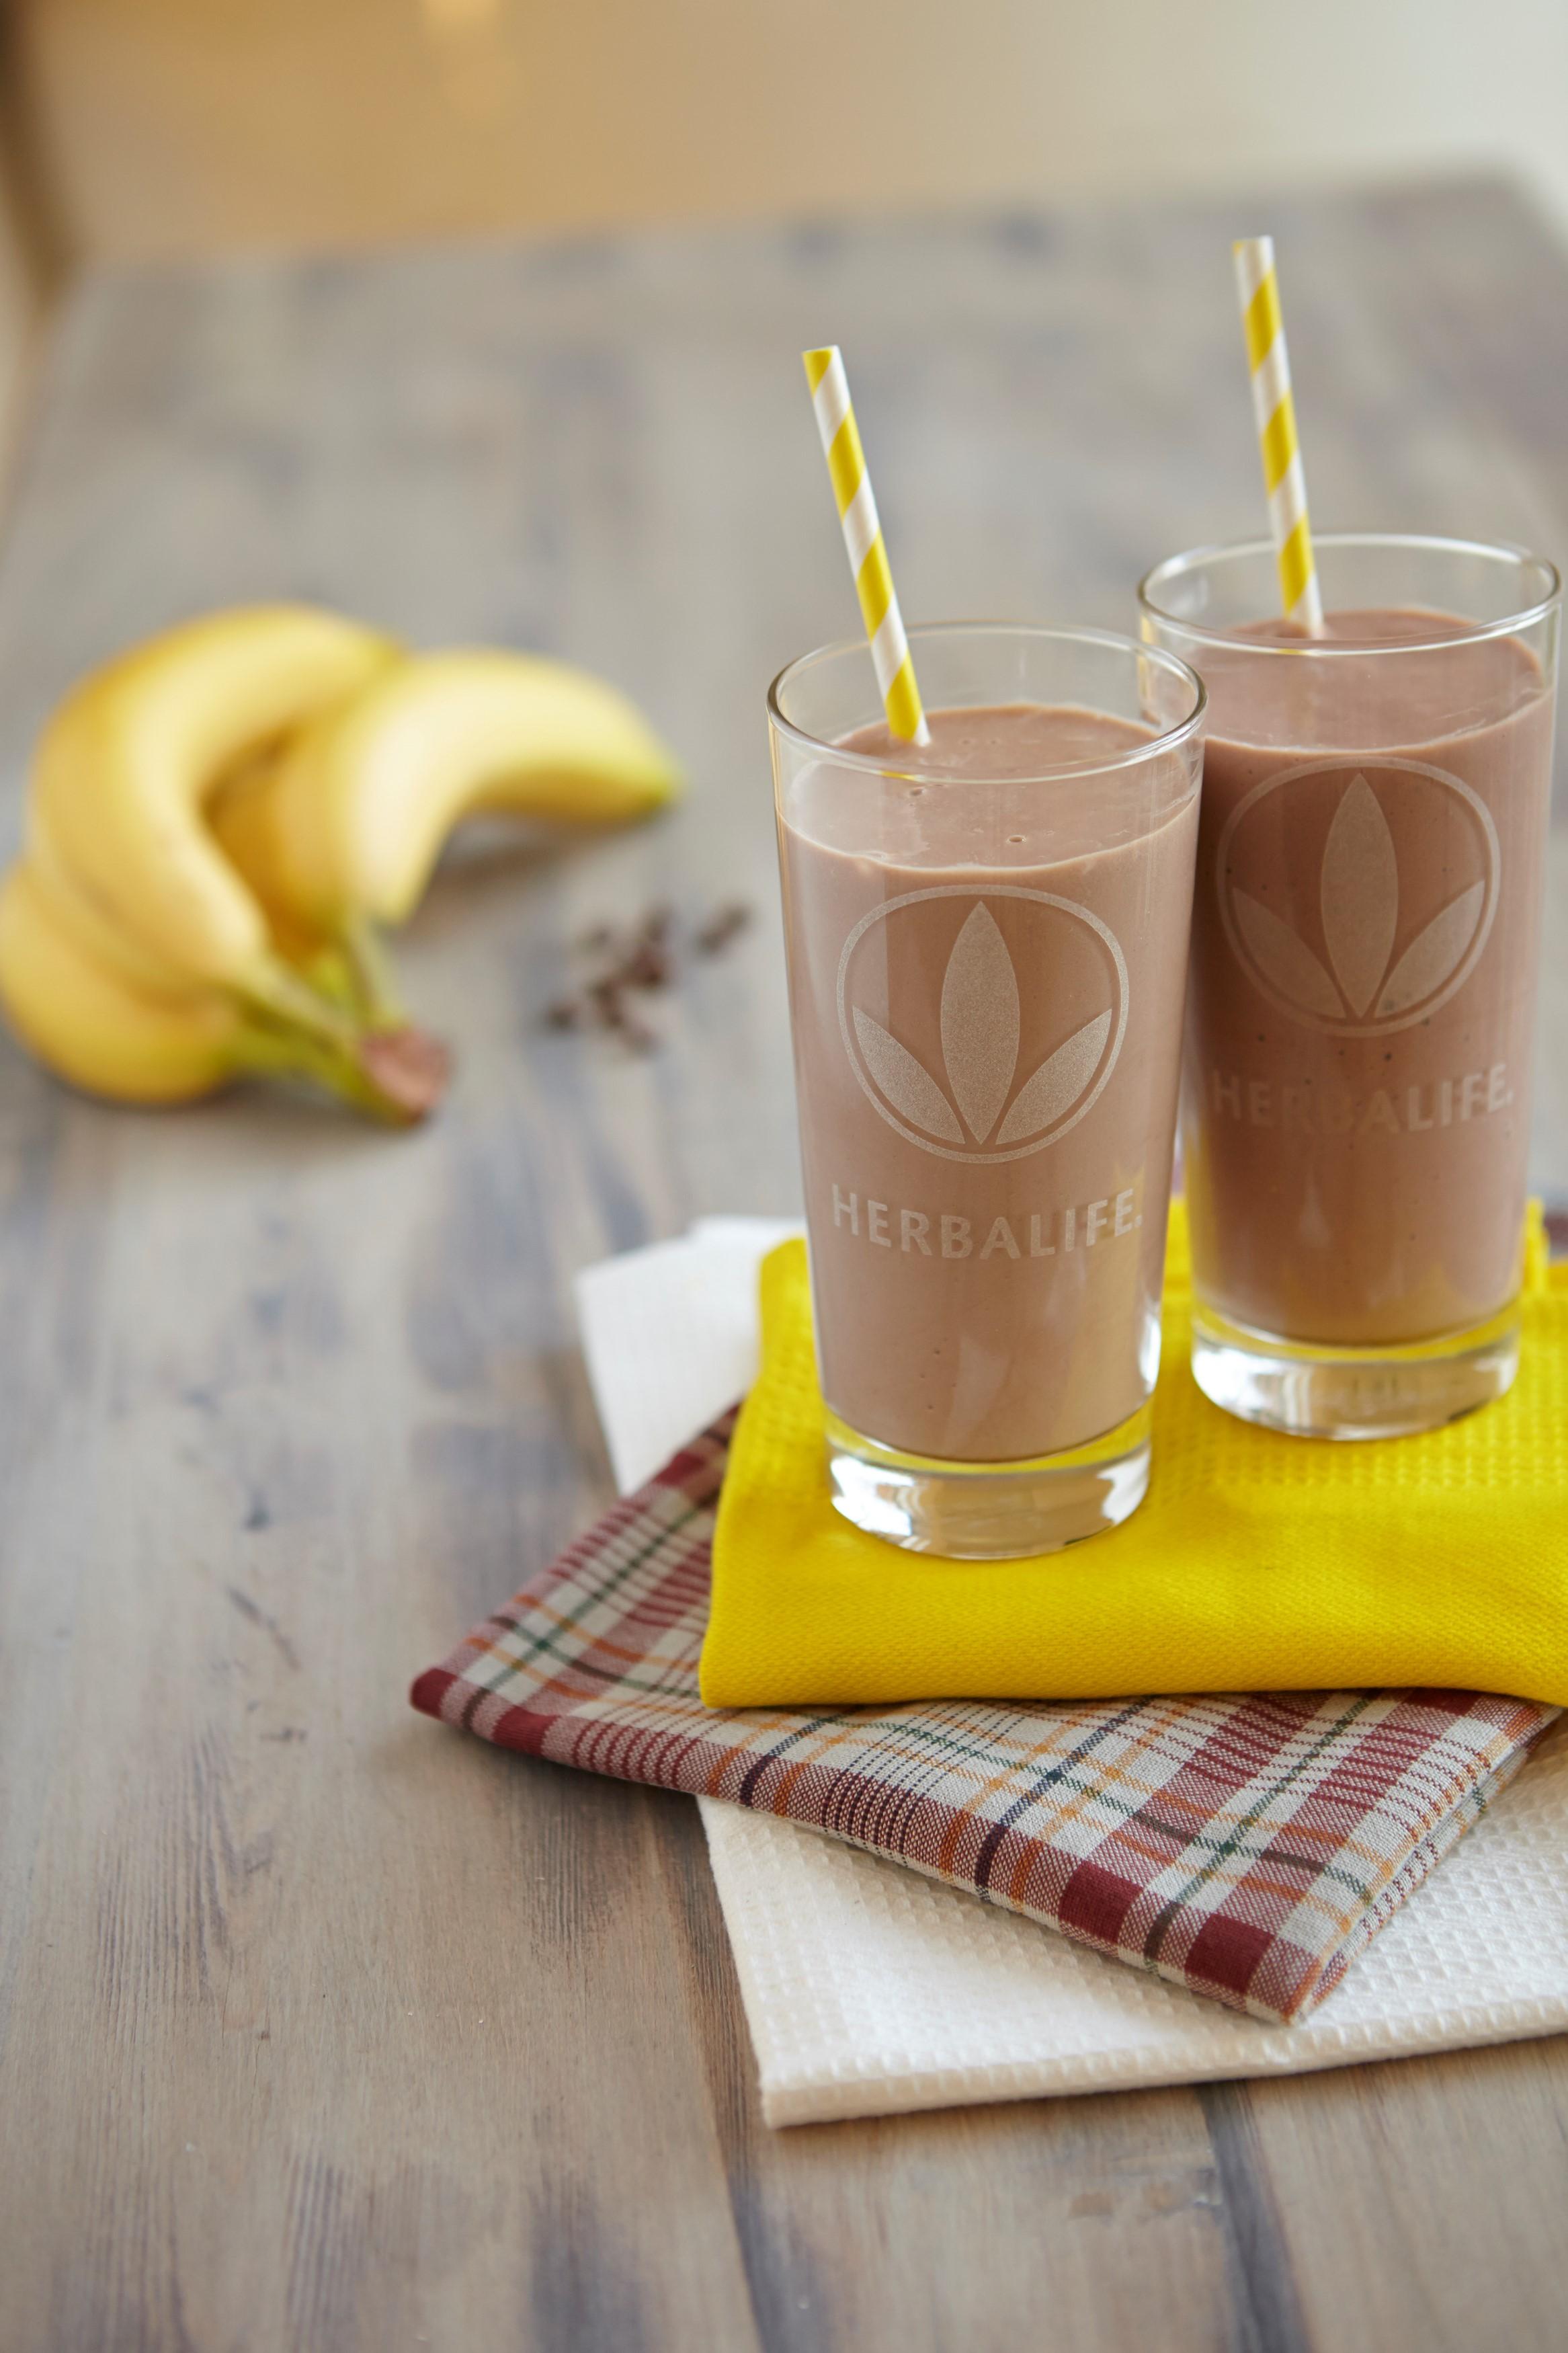 מתכון מרענן להכנת שייק רימון בננה ויוגורט 🍌🥛🍯